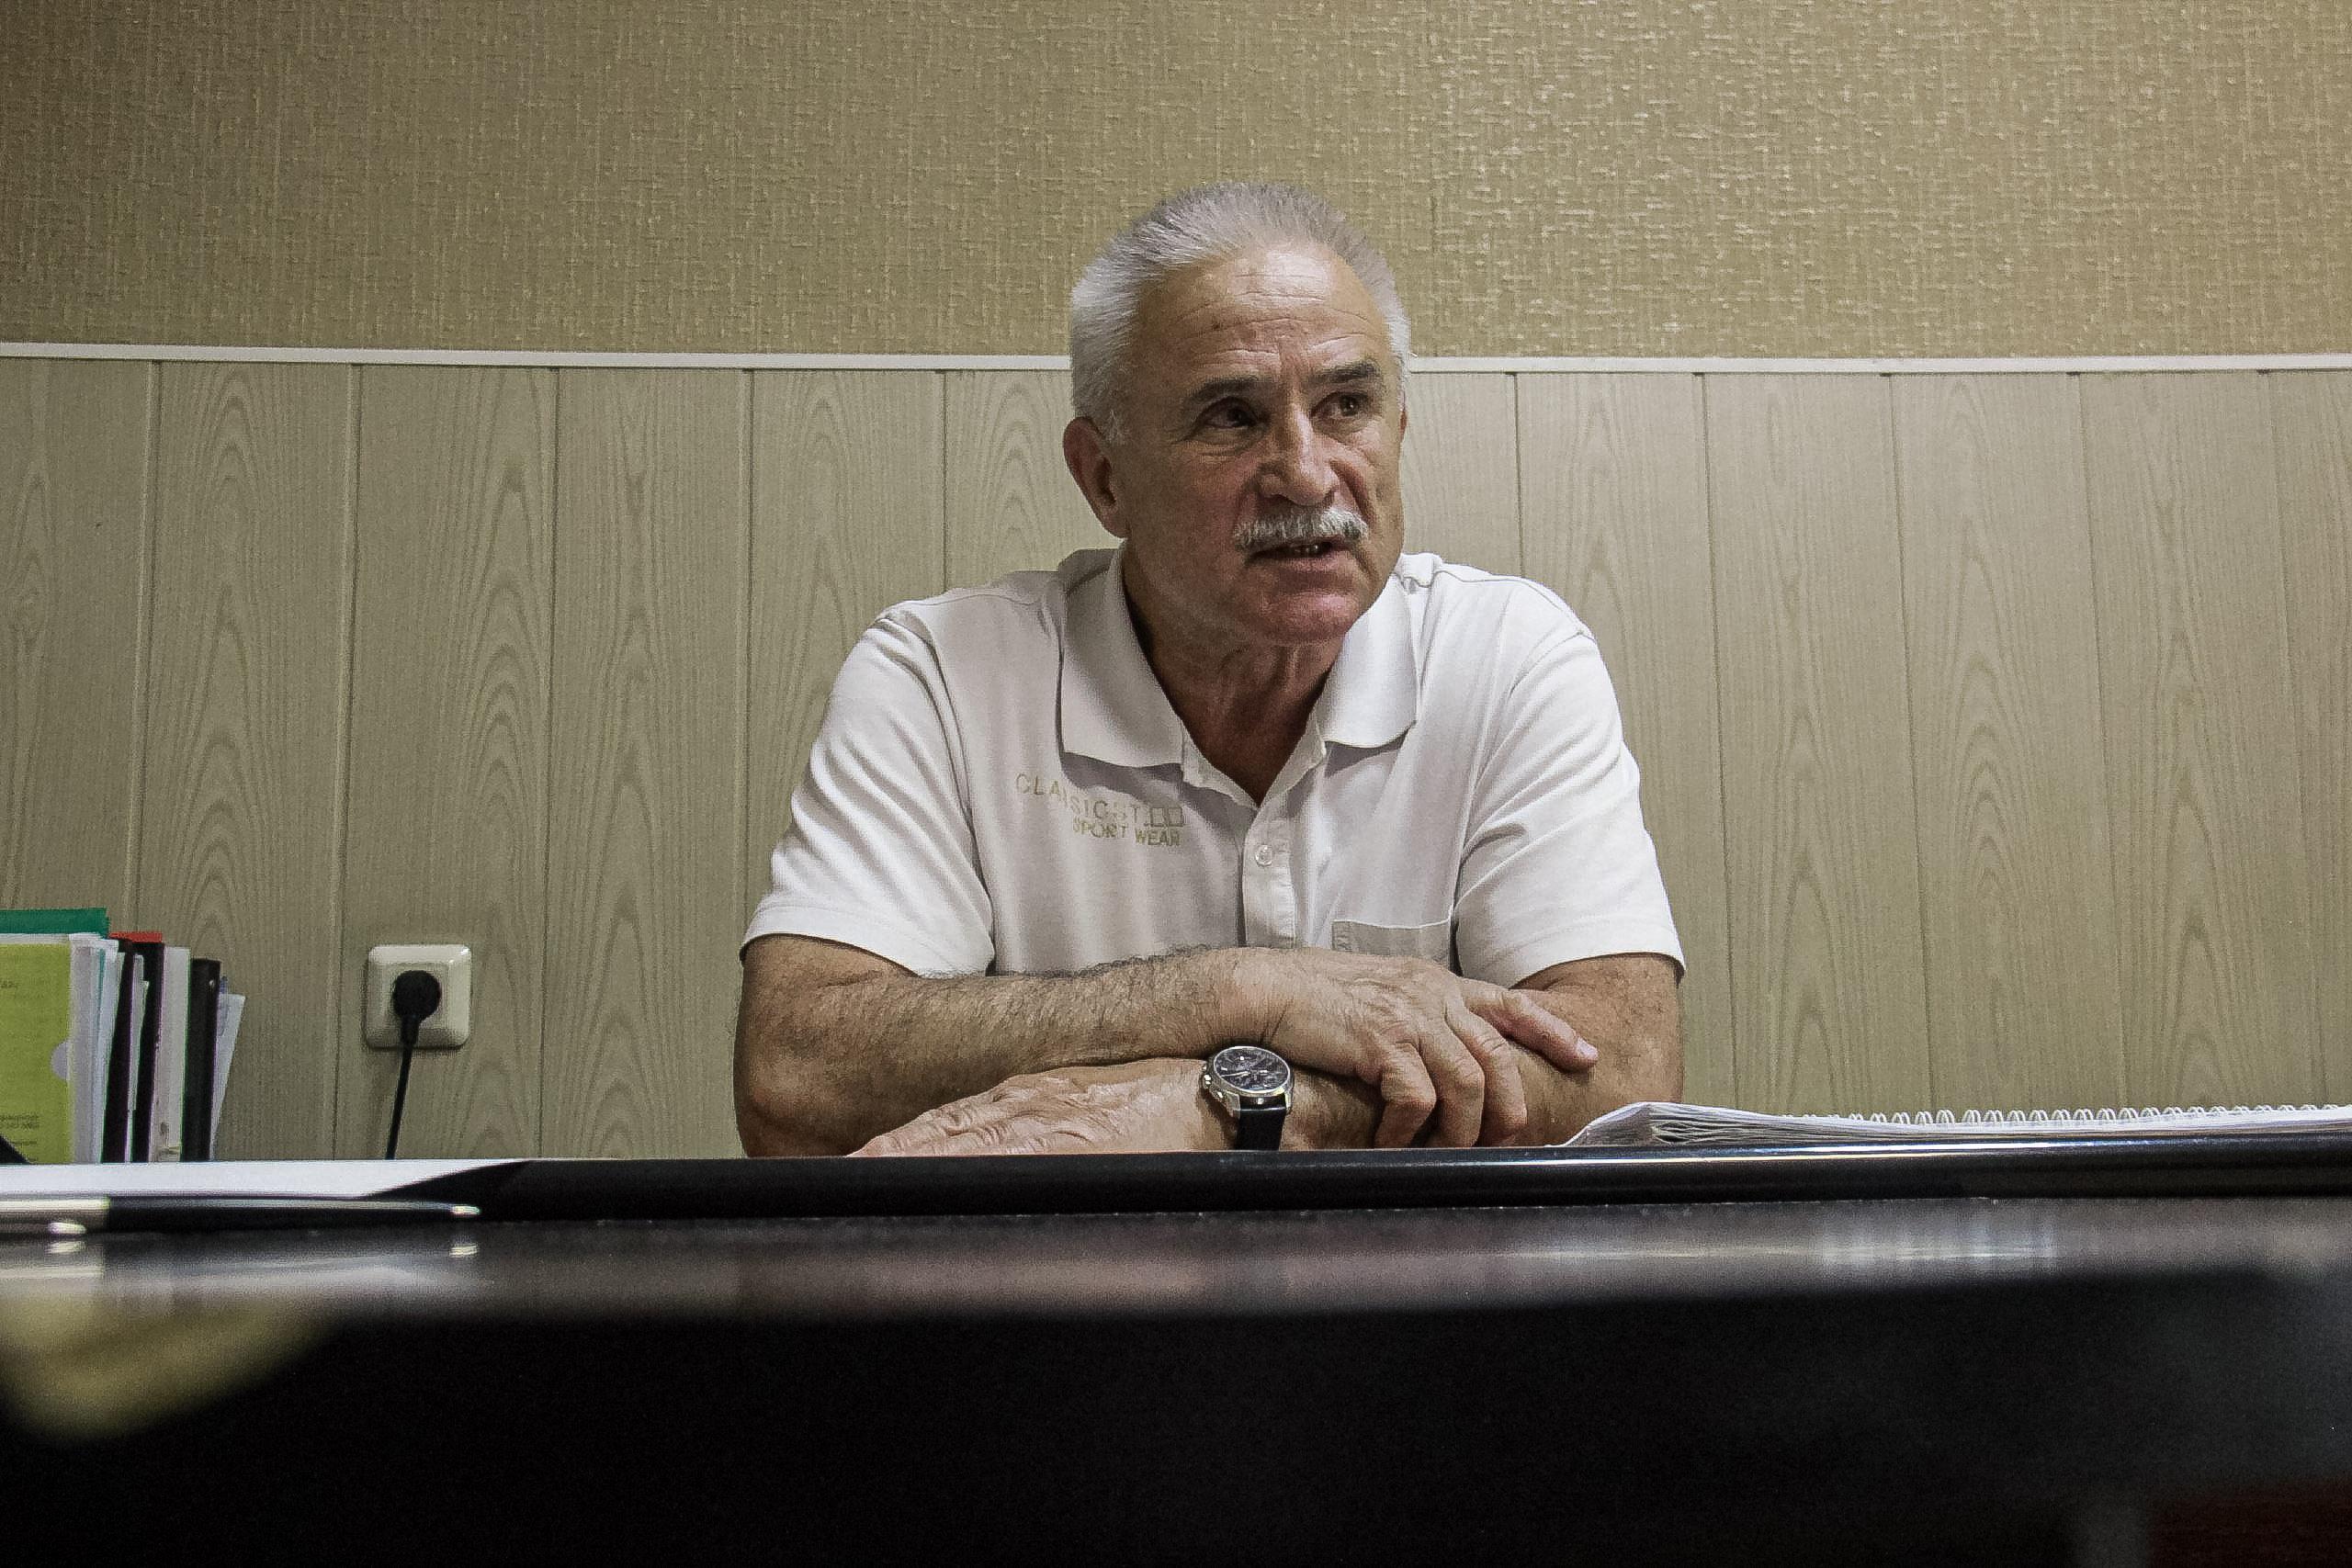 Монаенков знает всю систему изнутри: за десятилетия работы он хорошо выучил почерк преступников